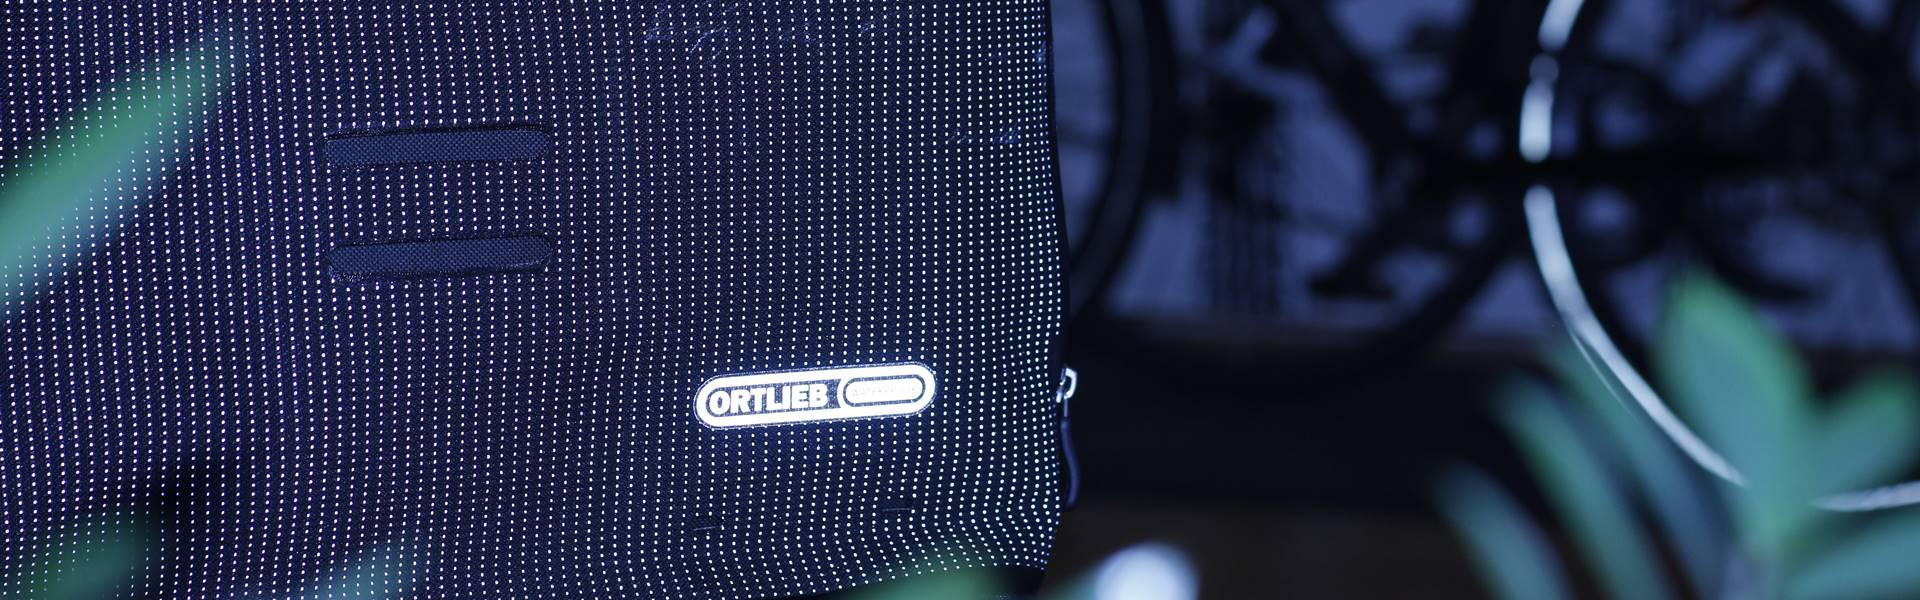 Ortlieb táskák a mindennapokra